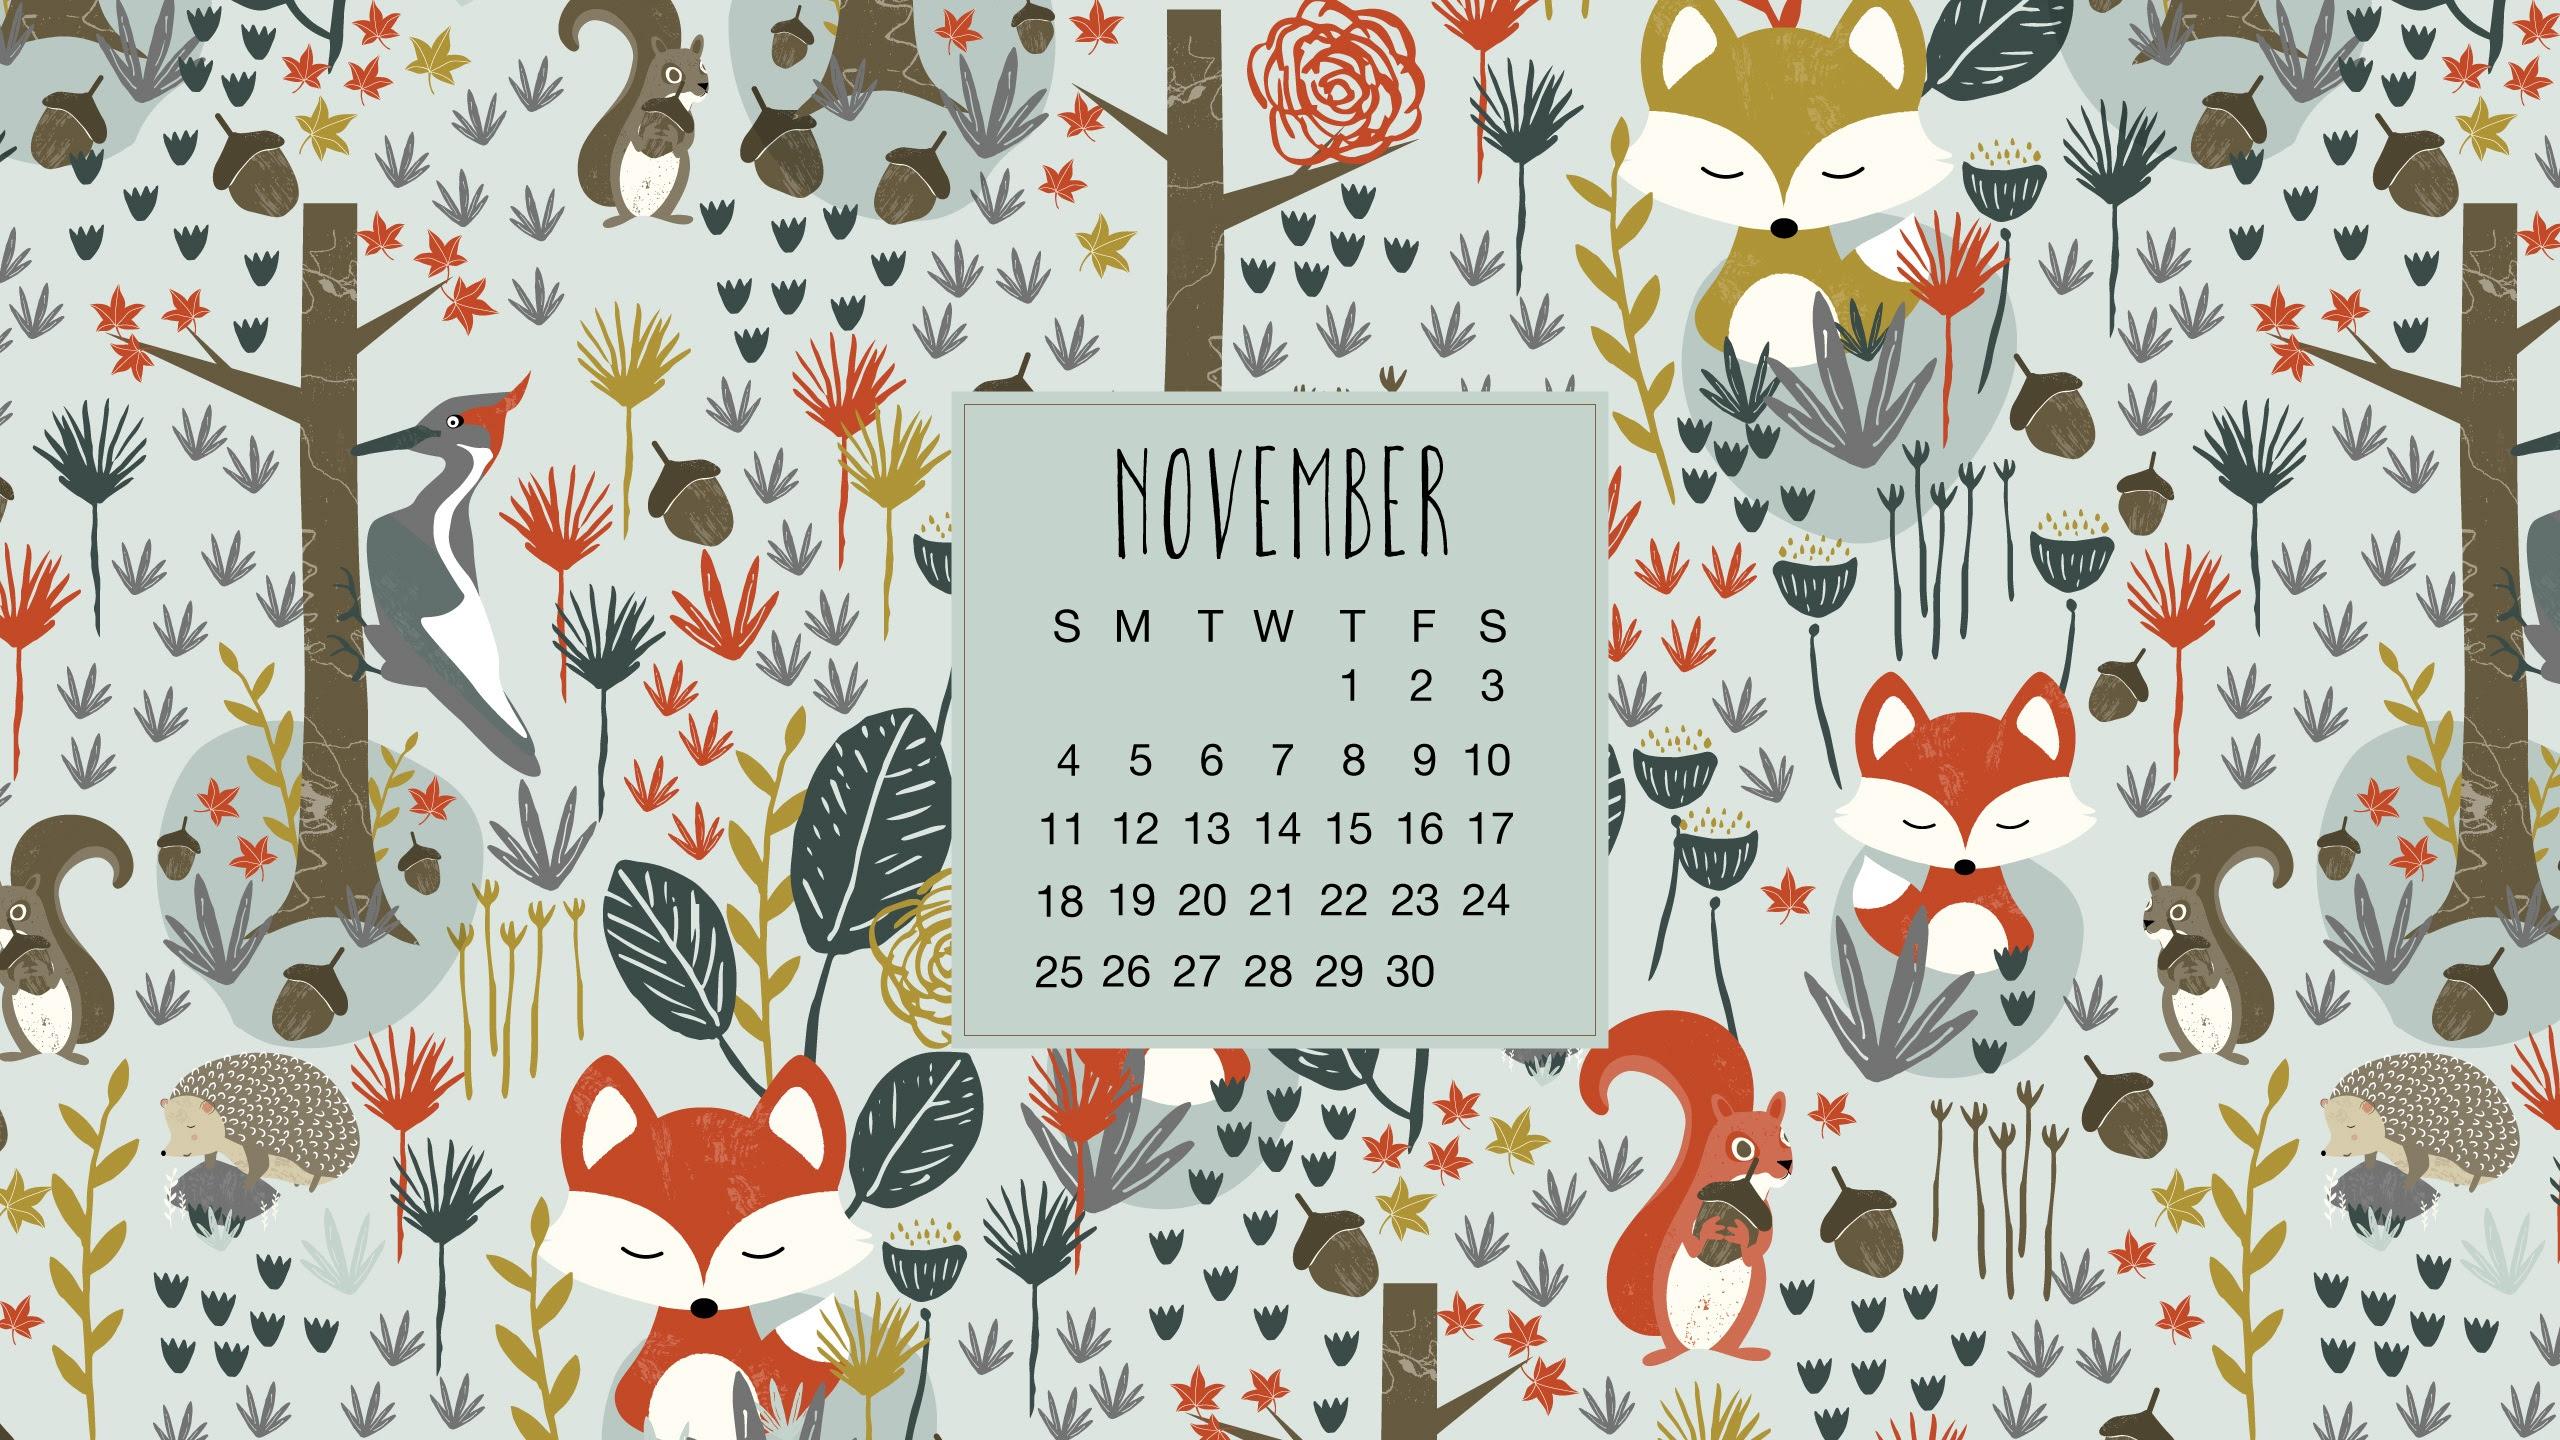 Calendrier novembre 2018 – November 2018 calendar wallpaper – La bibliothèque de Sev